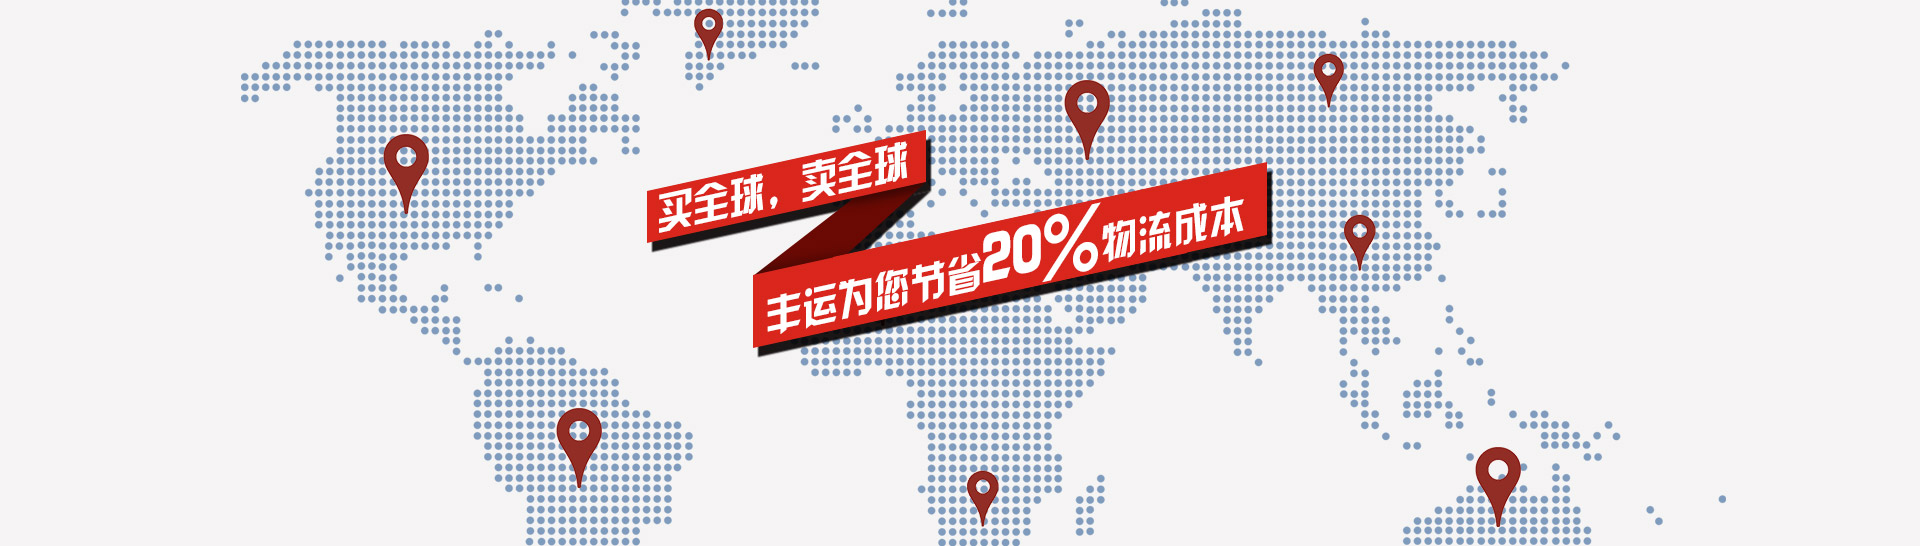 买全球,卖全球,丰运为您节省20%物流成本